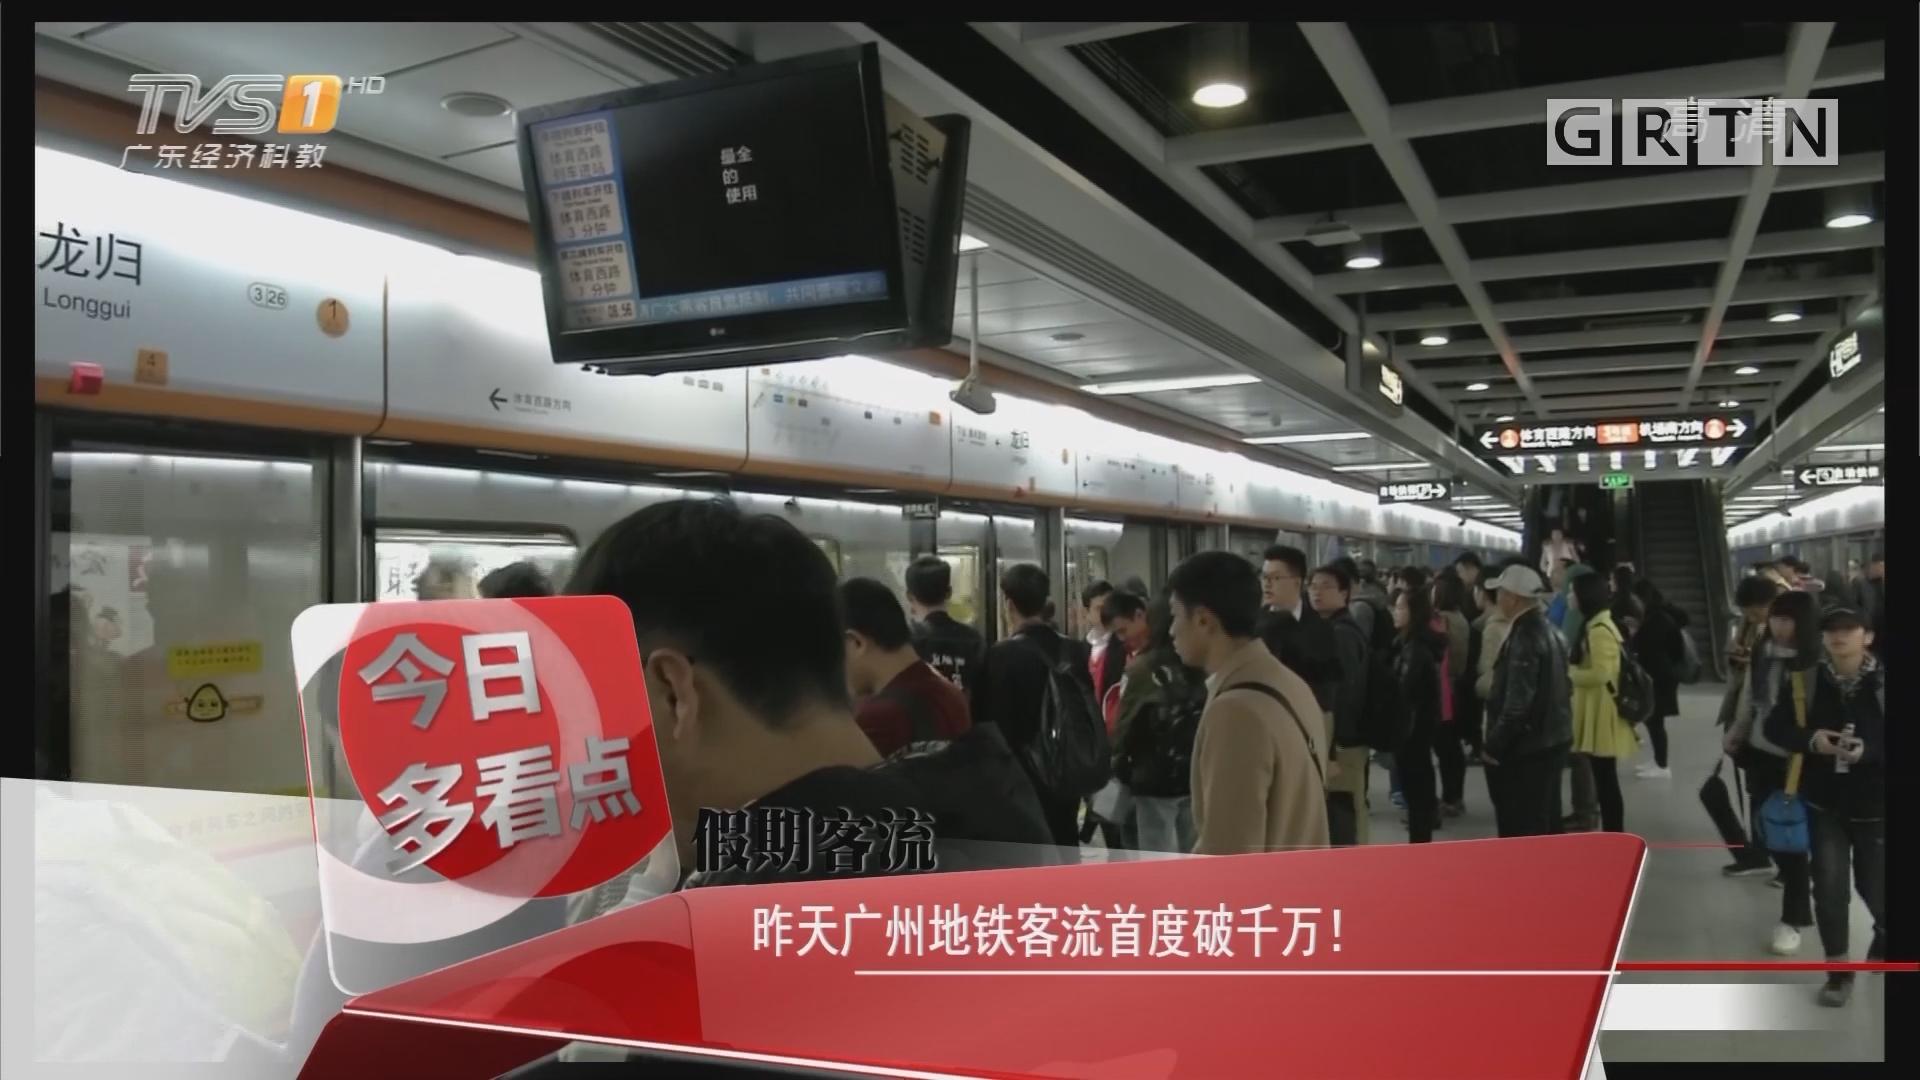 假期客流:昨天广州地铁客流首度破千万!